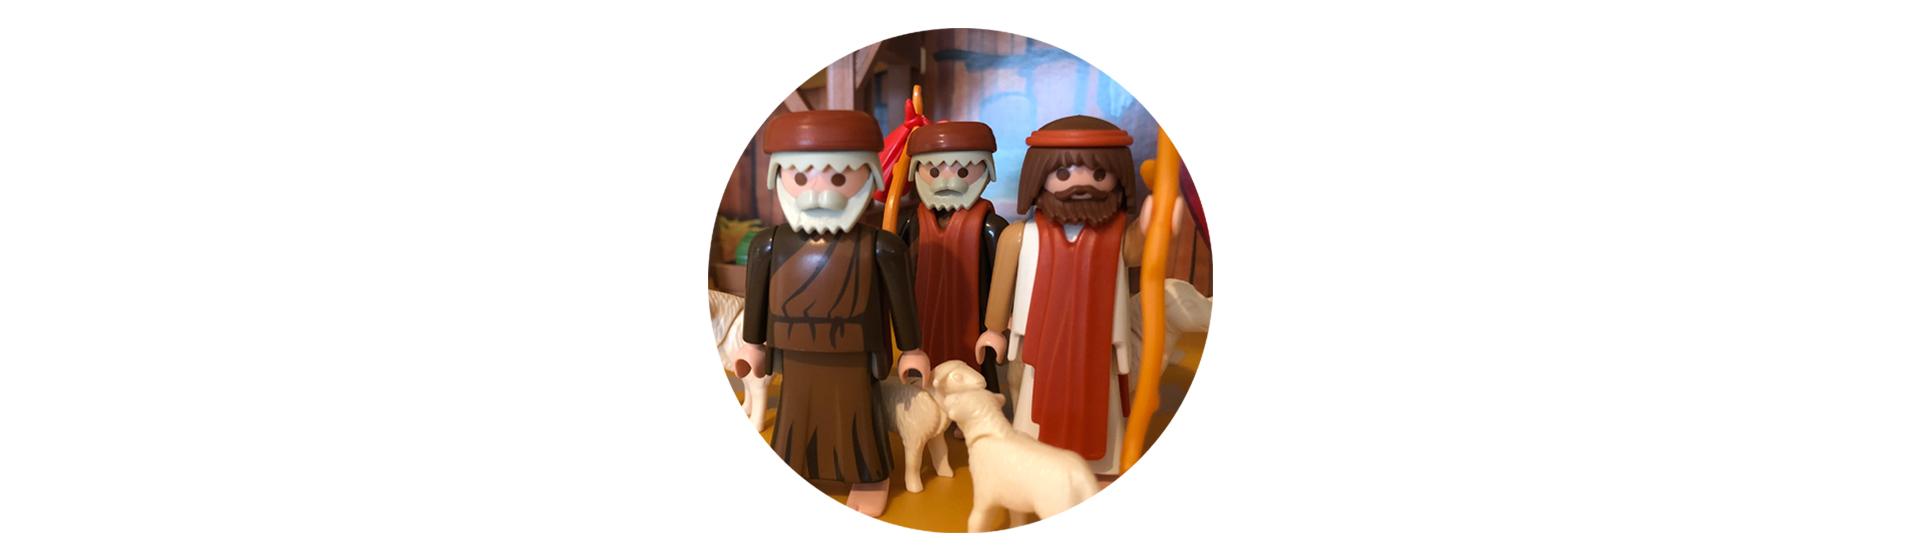 article-thebirthofjesus-playmobile-shepherds